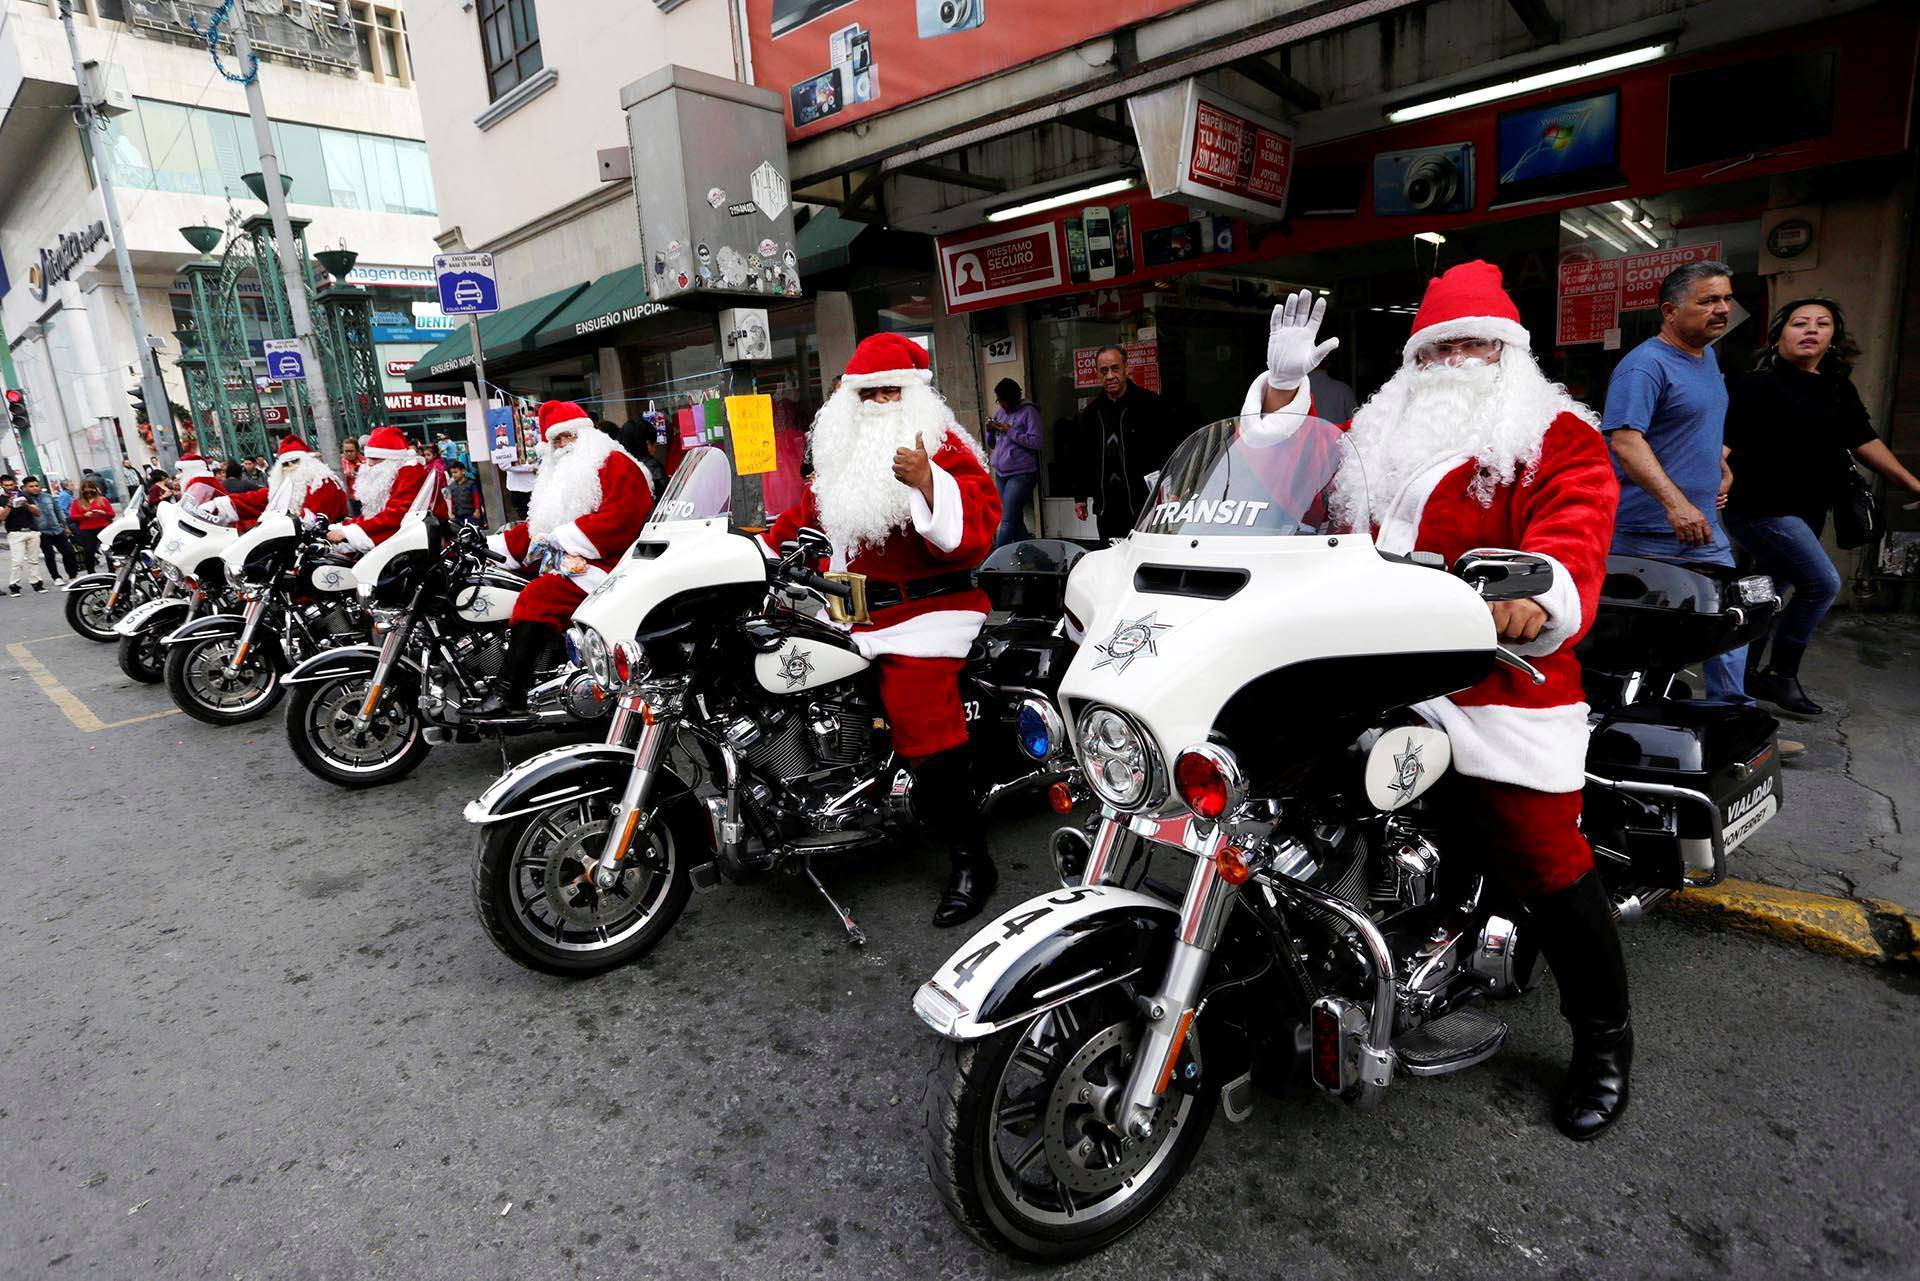 Joulupukit partioivat moottoripyöräpoliiseina Meksikon Monterreyssa.